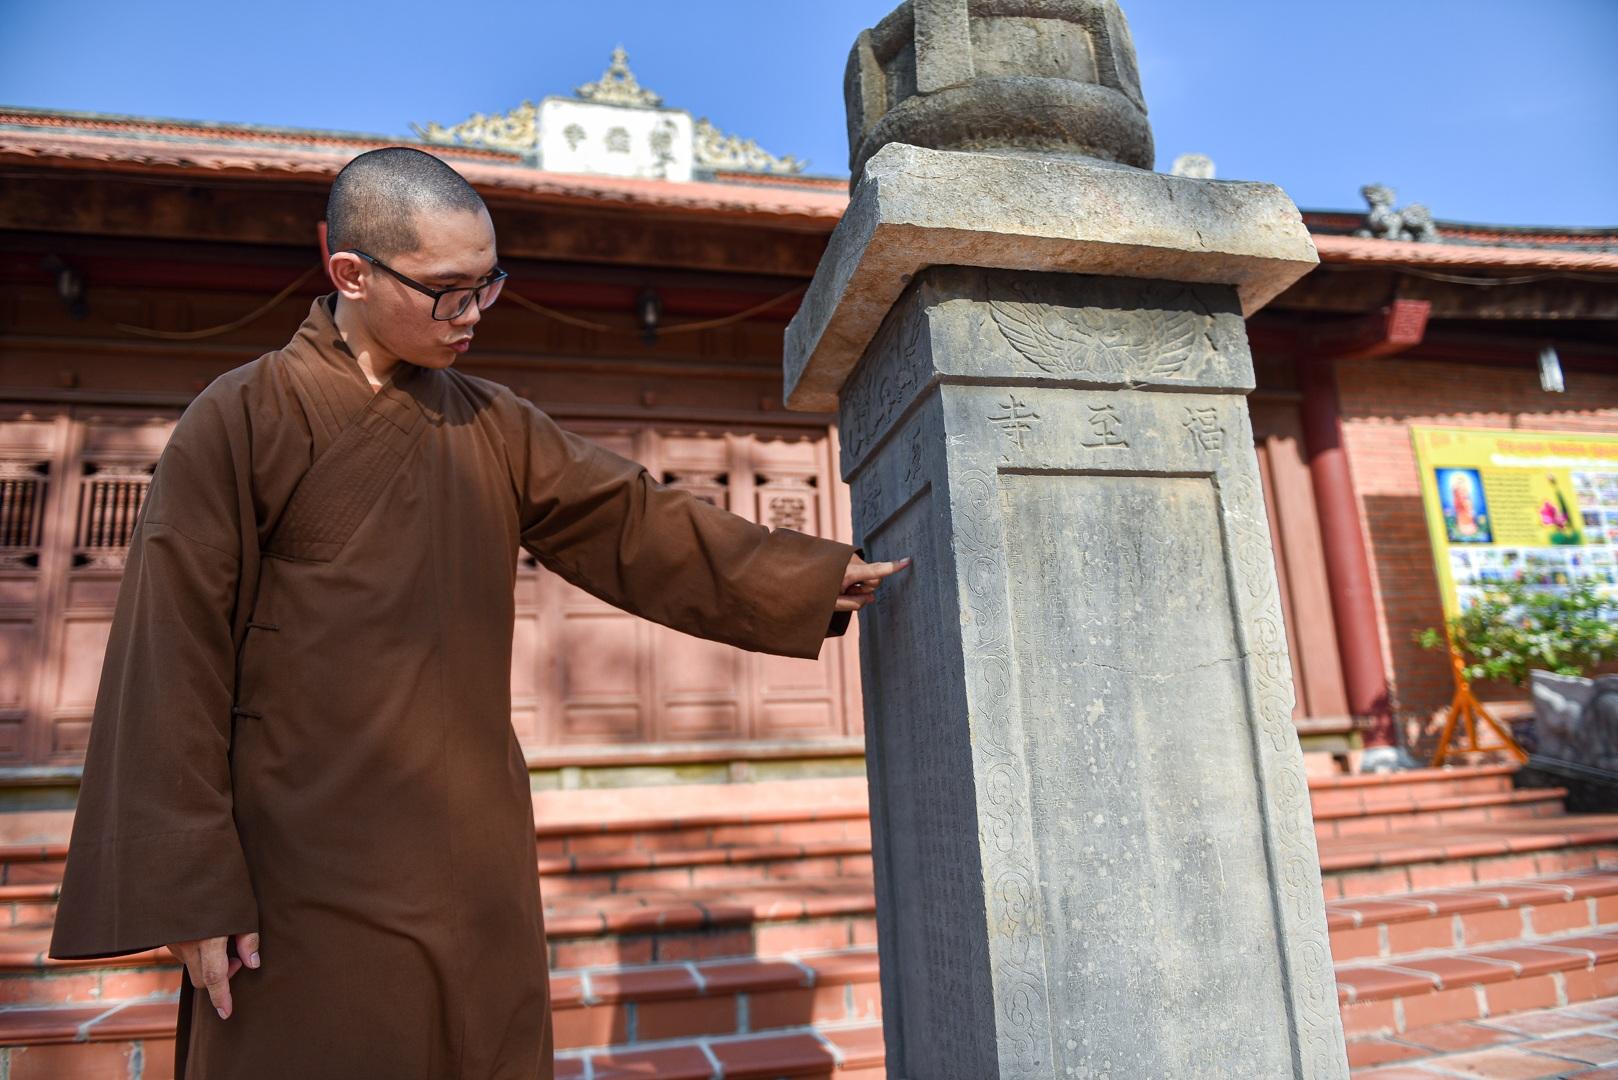 Ngôi chùa 600 tuổi từng là Đệ nhất danh lam vùng Đông Bắc - 2